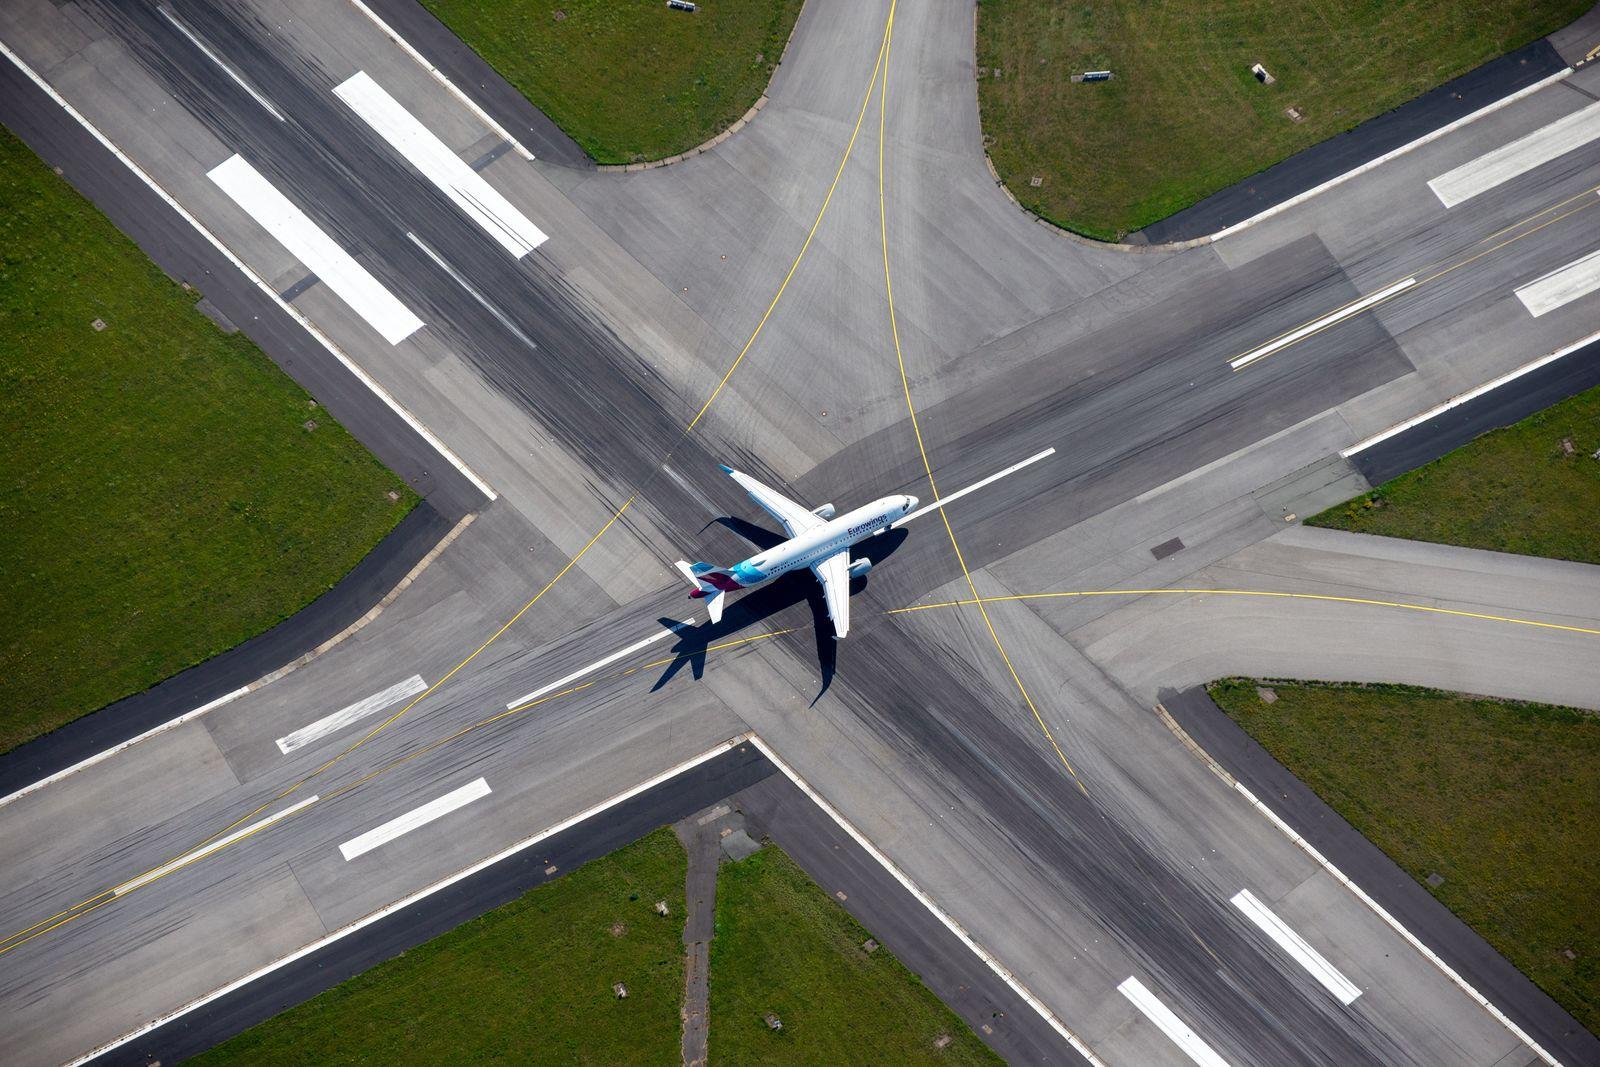 Airbus A320-214 Eurowings in FuhlsbŸttel auf der Landebahn